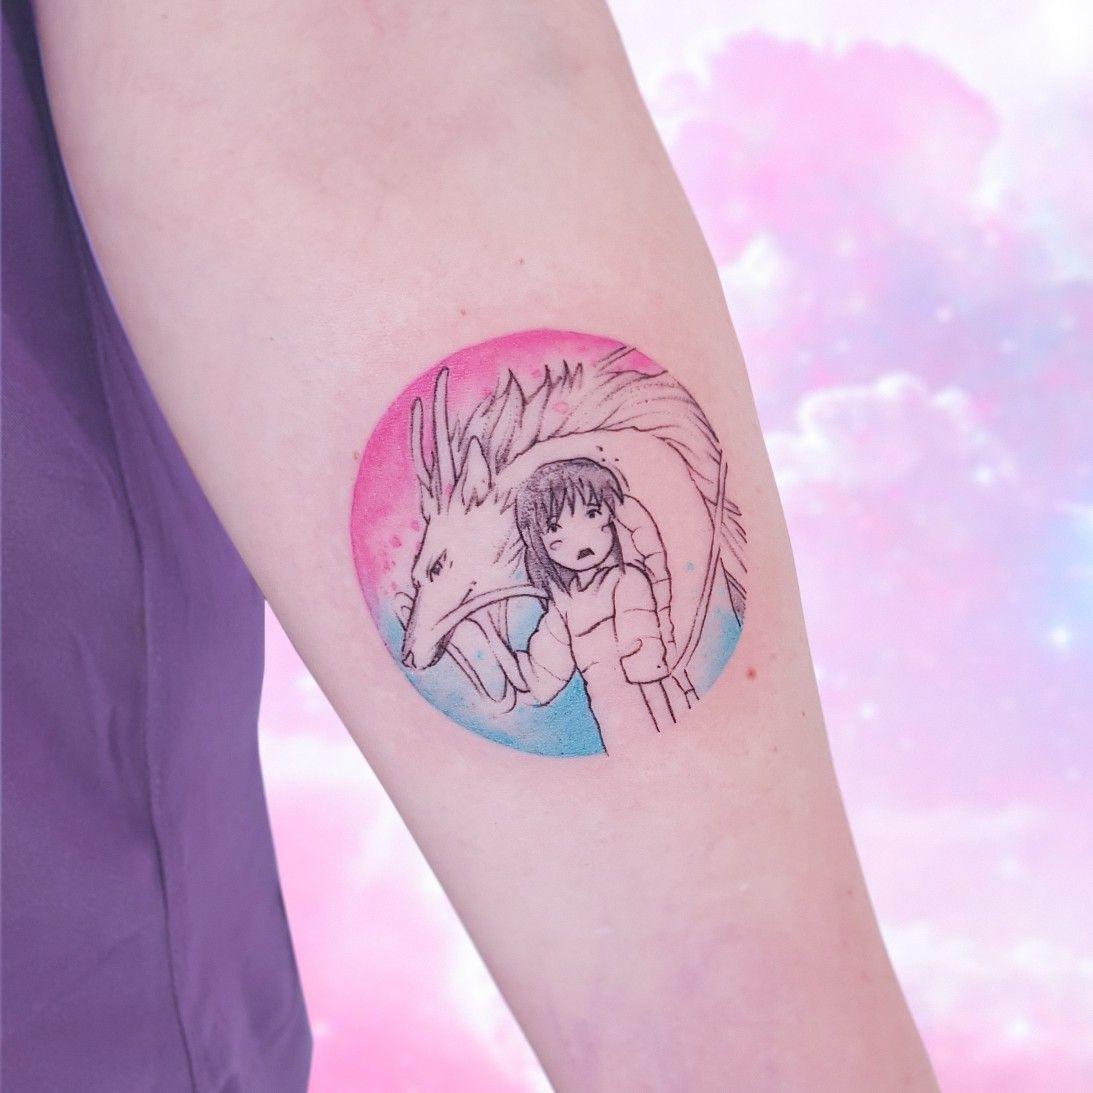 хаяо миядзаки аниме тату татуировка графика круг акварель хаку